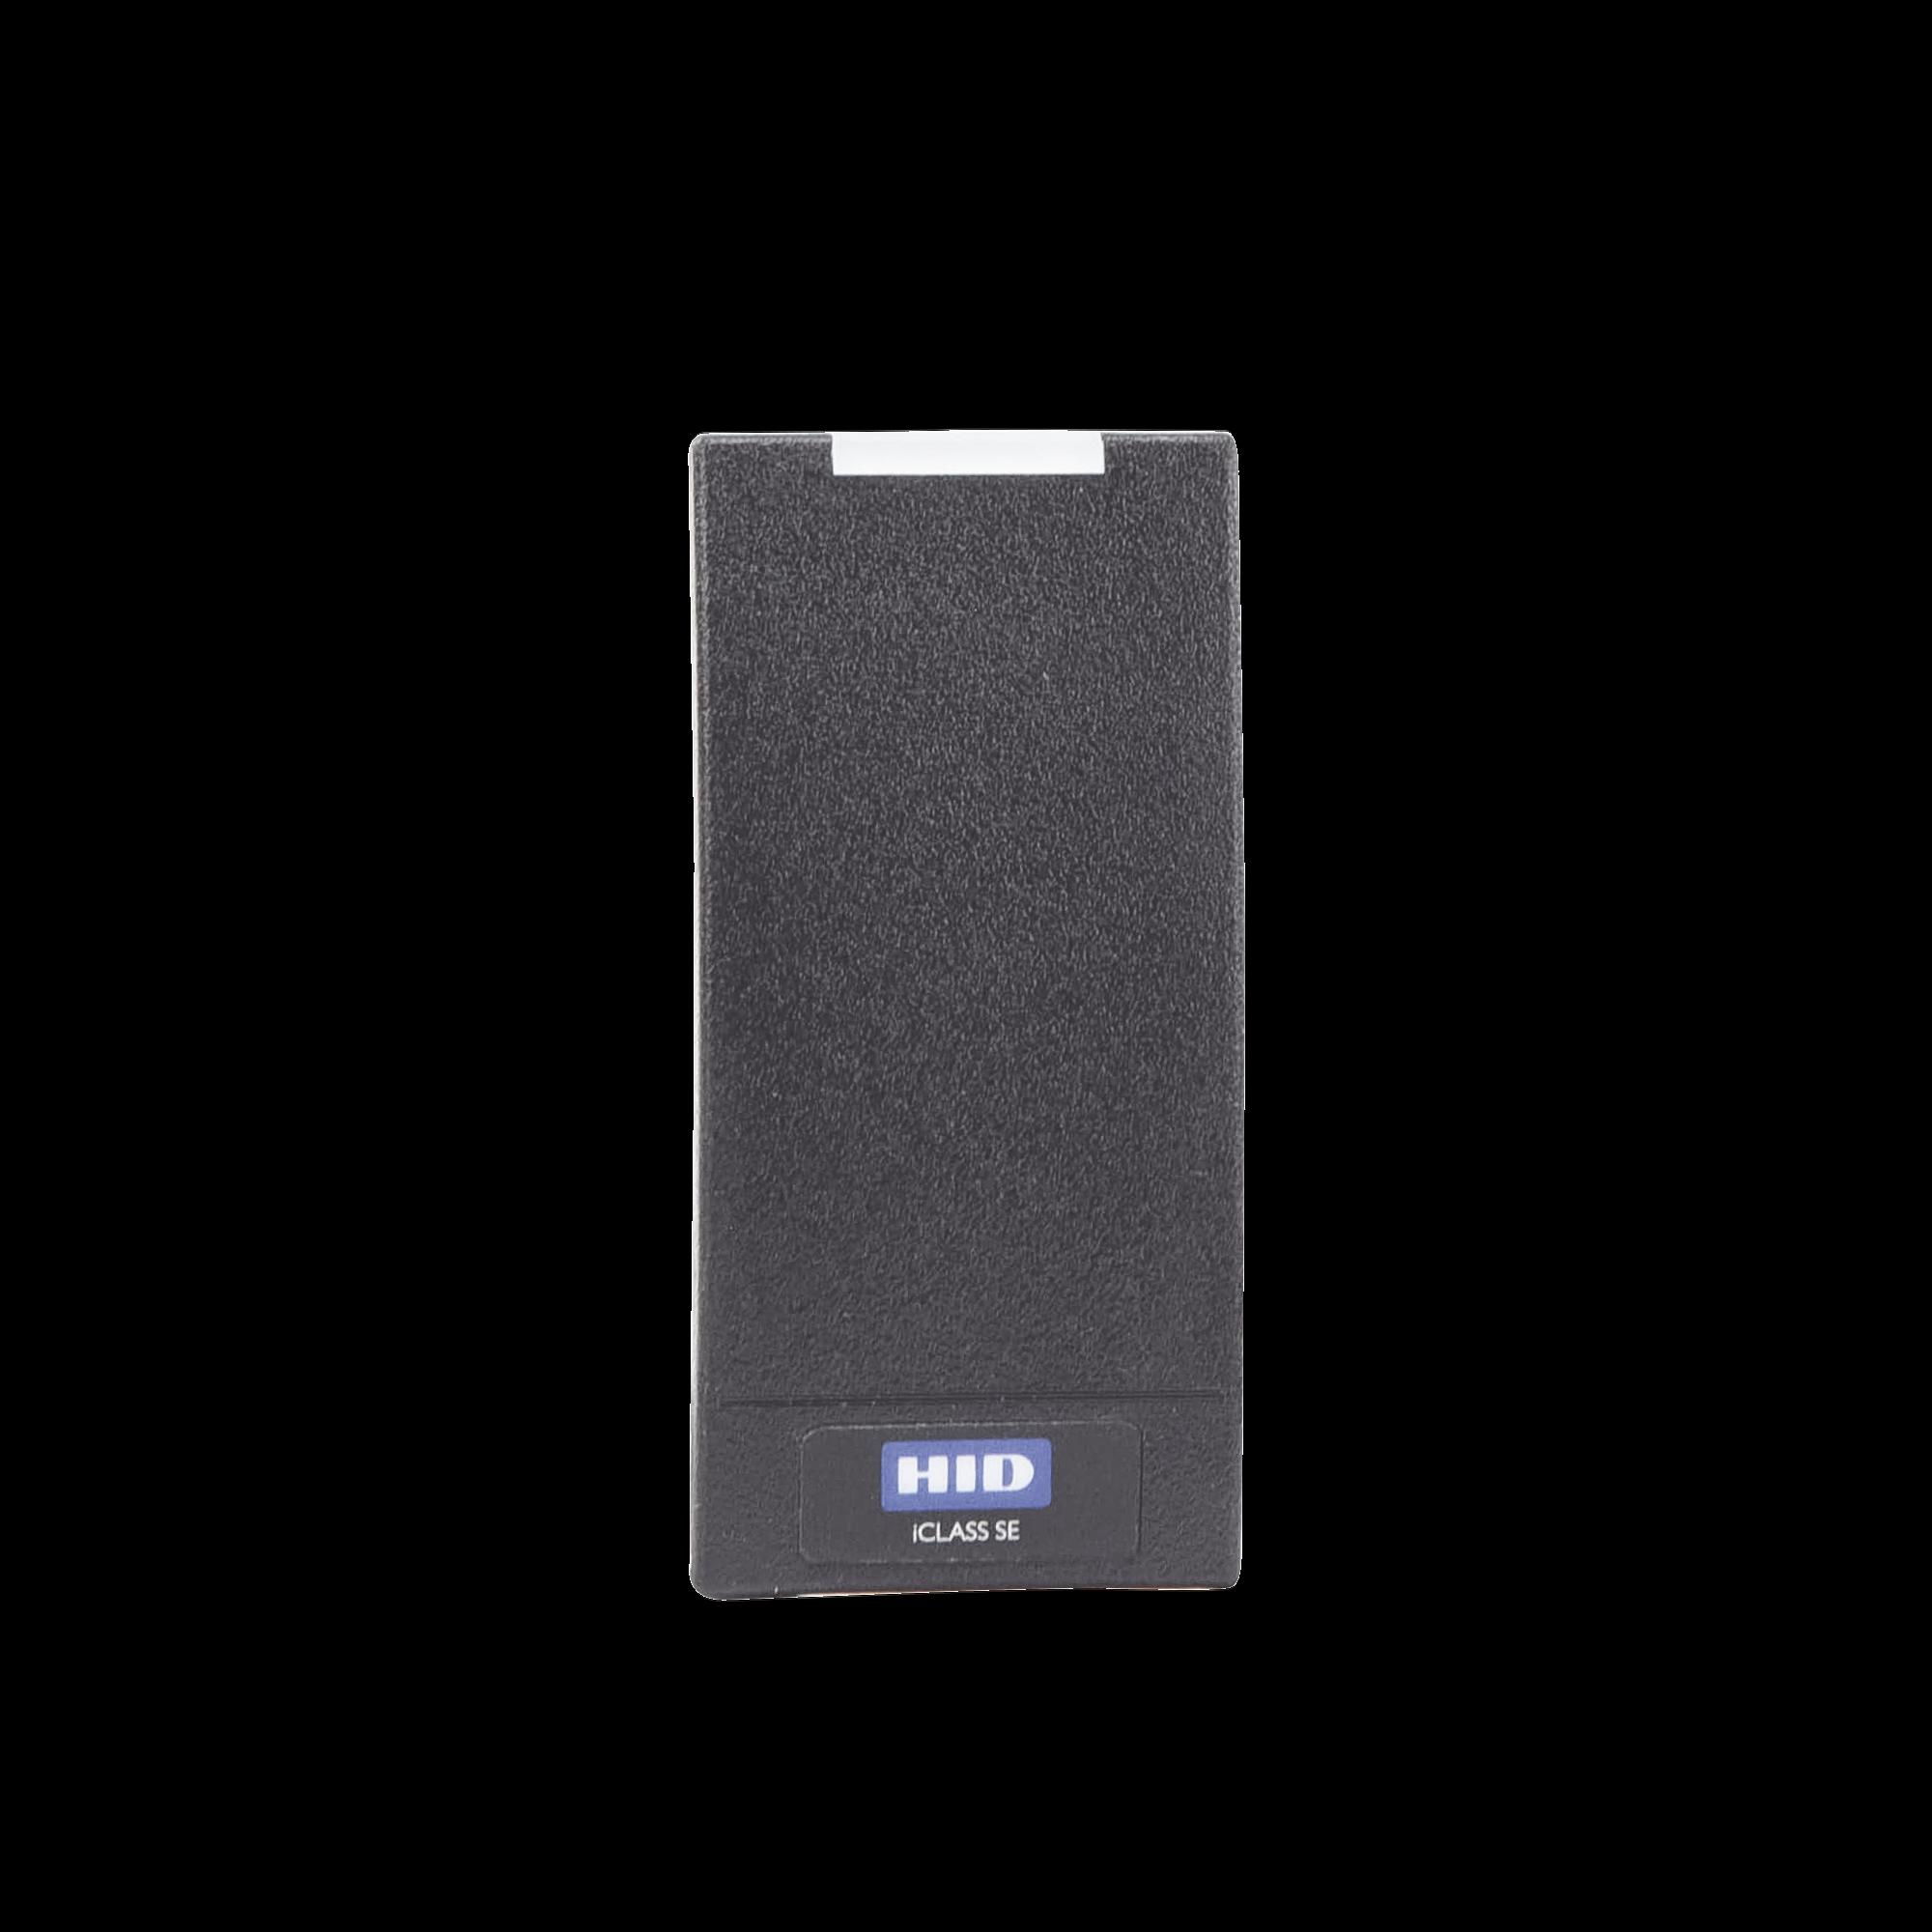 Lector R10 para Tecnología iClass SEOS y MobileID NFC & Bluetooth/ Garantía de por Vida/ 900NBNNEK20000